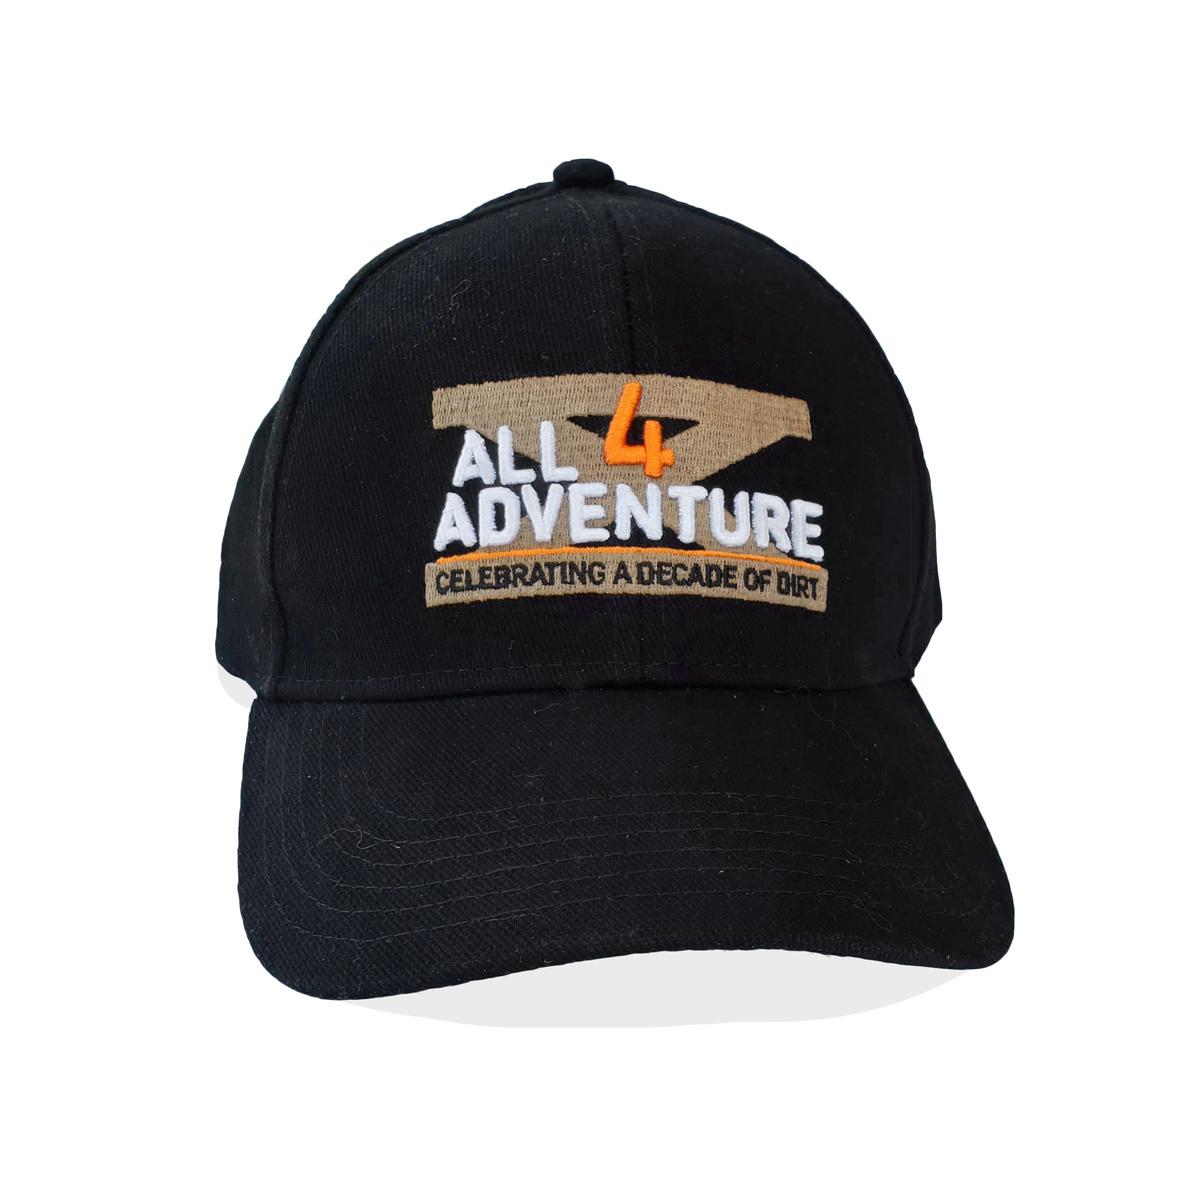 All4Adventure Decade of Dirt  Mütze